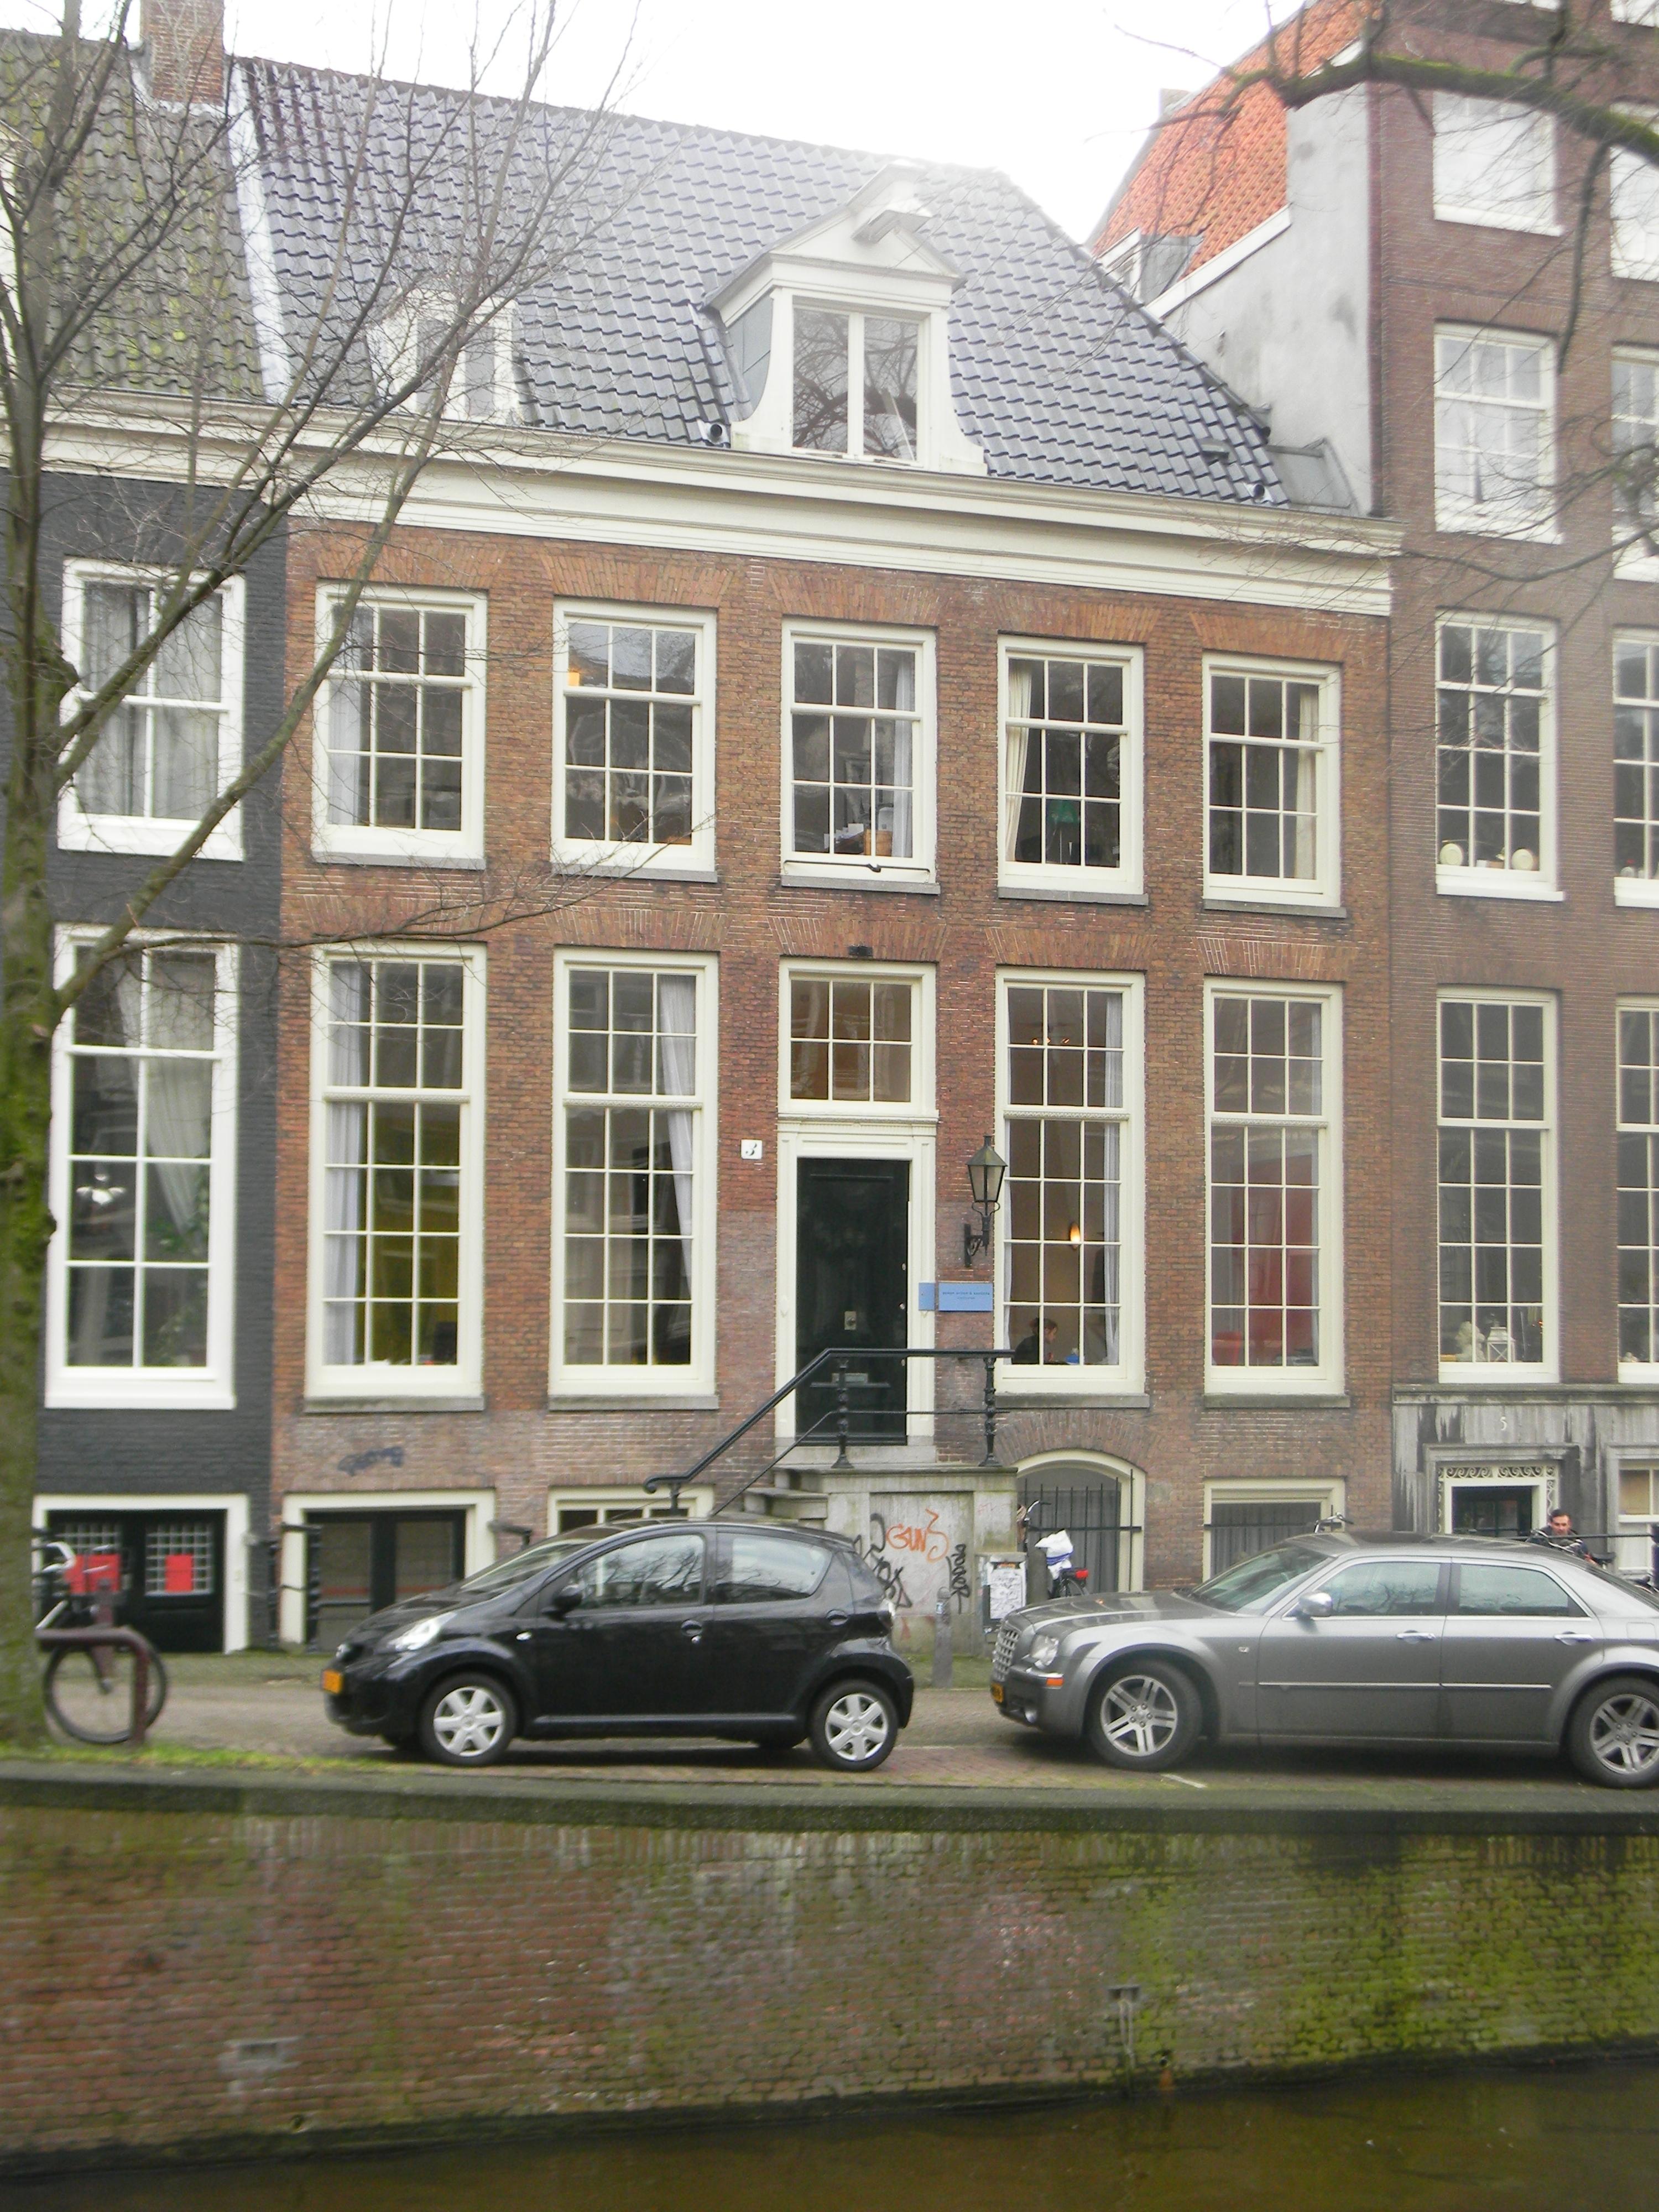 Dubbel huis met gave gevel onder rechte lijst in amsterdam for Lijst inrichting huis